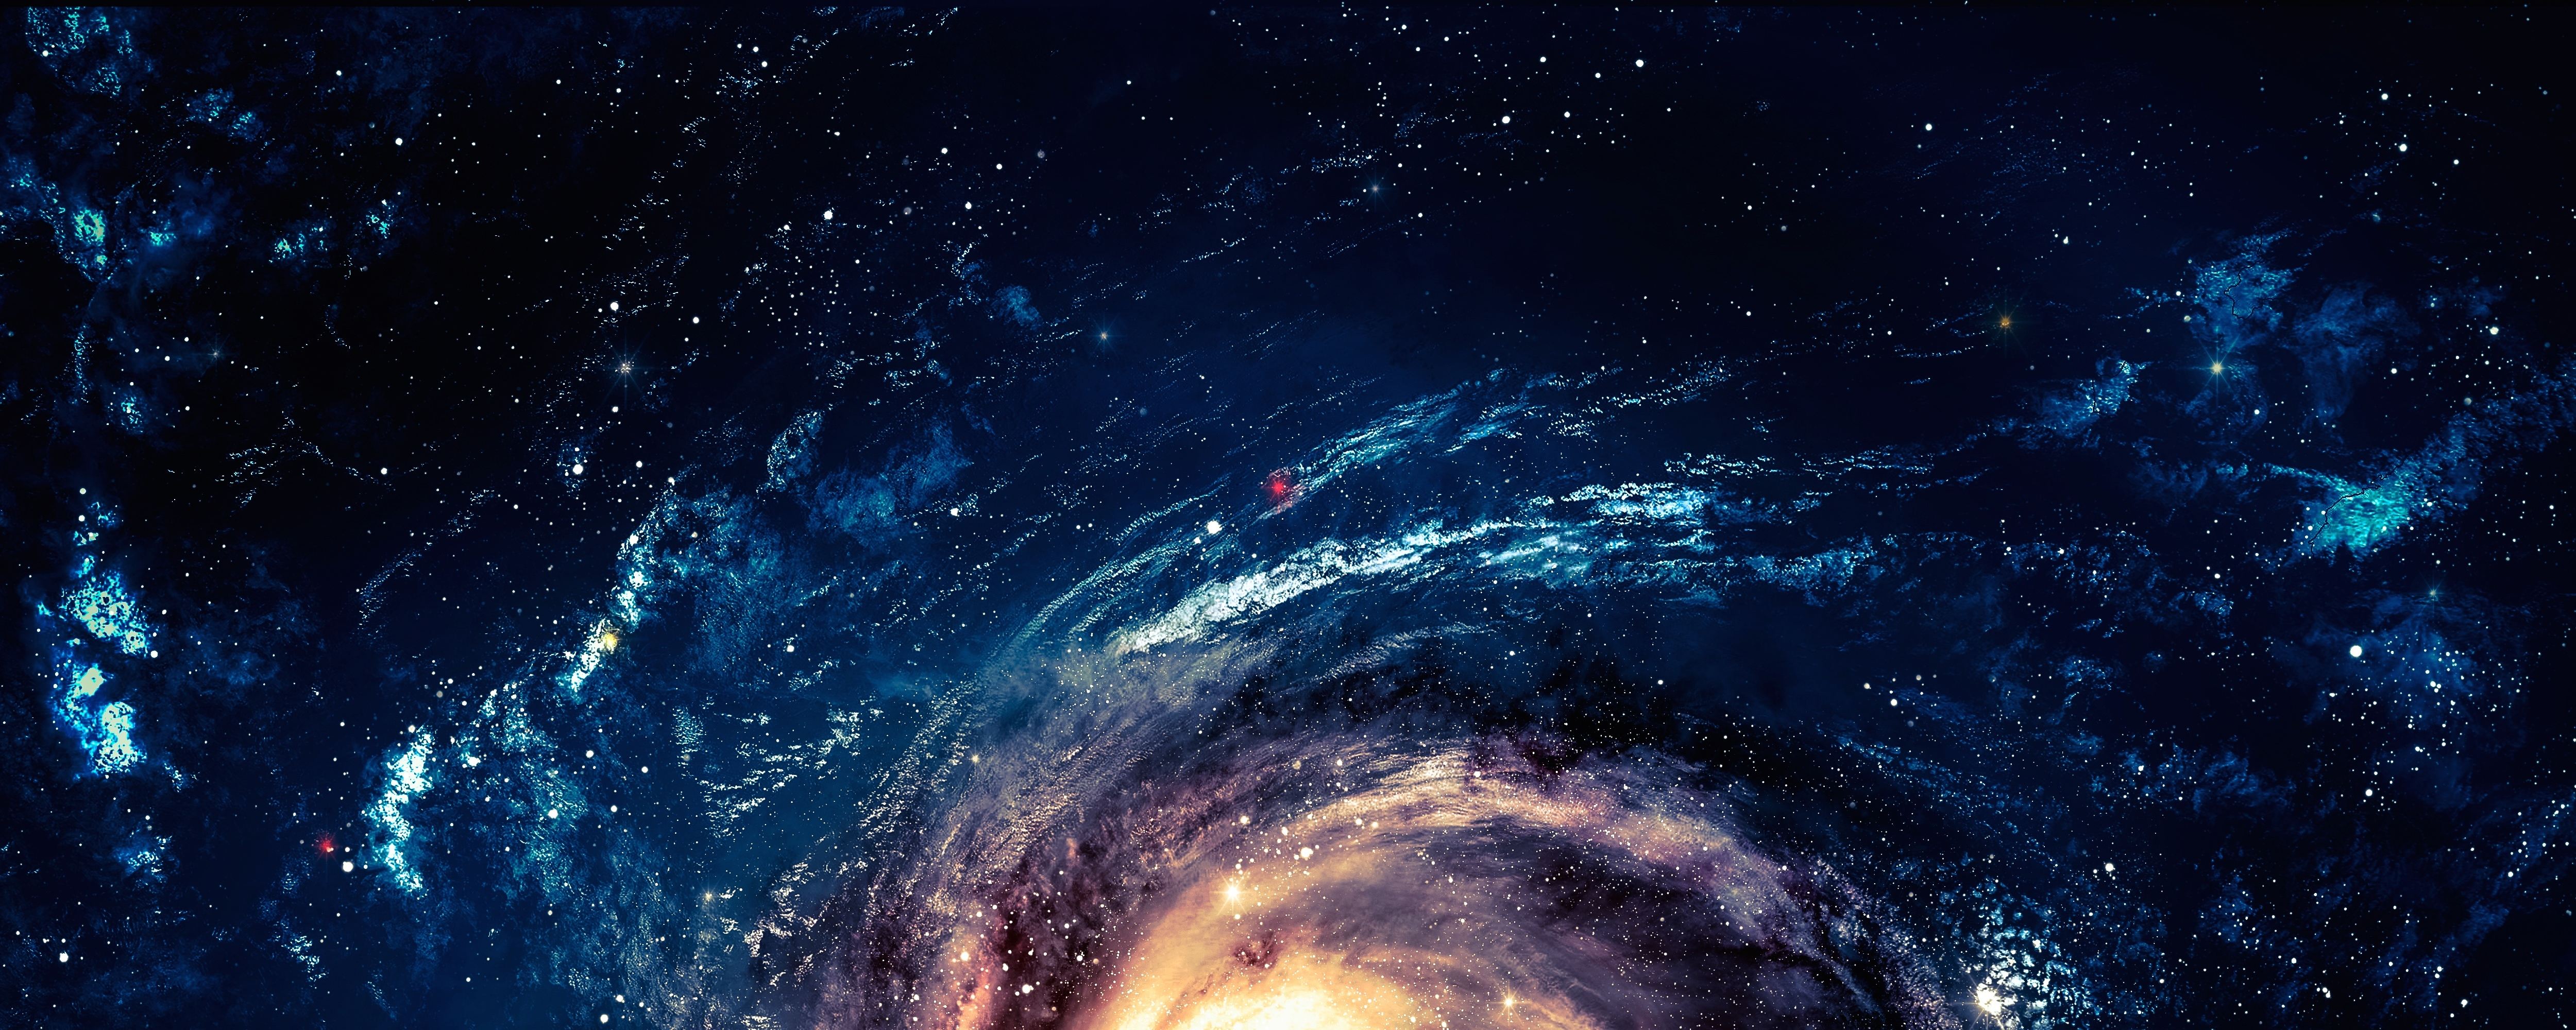 Обои космос галактики звезды картинки на рабочий стол на тему Космос - скачать загрузить